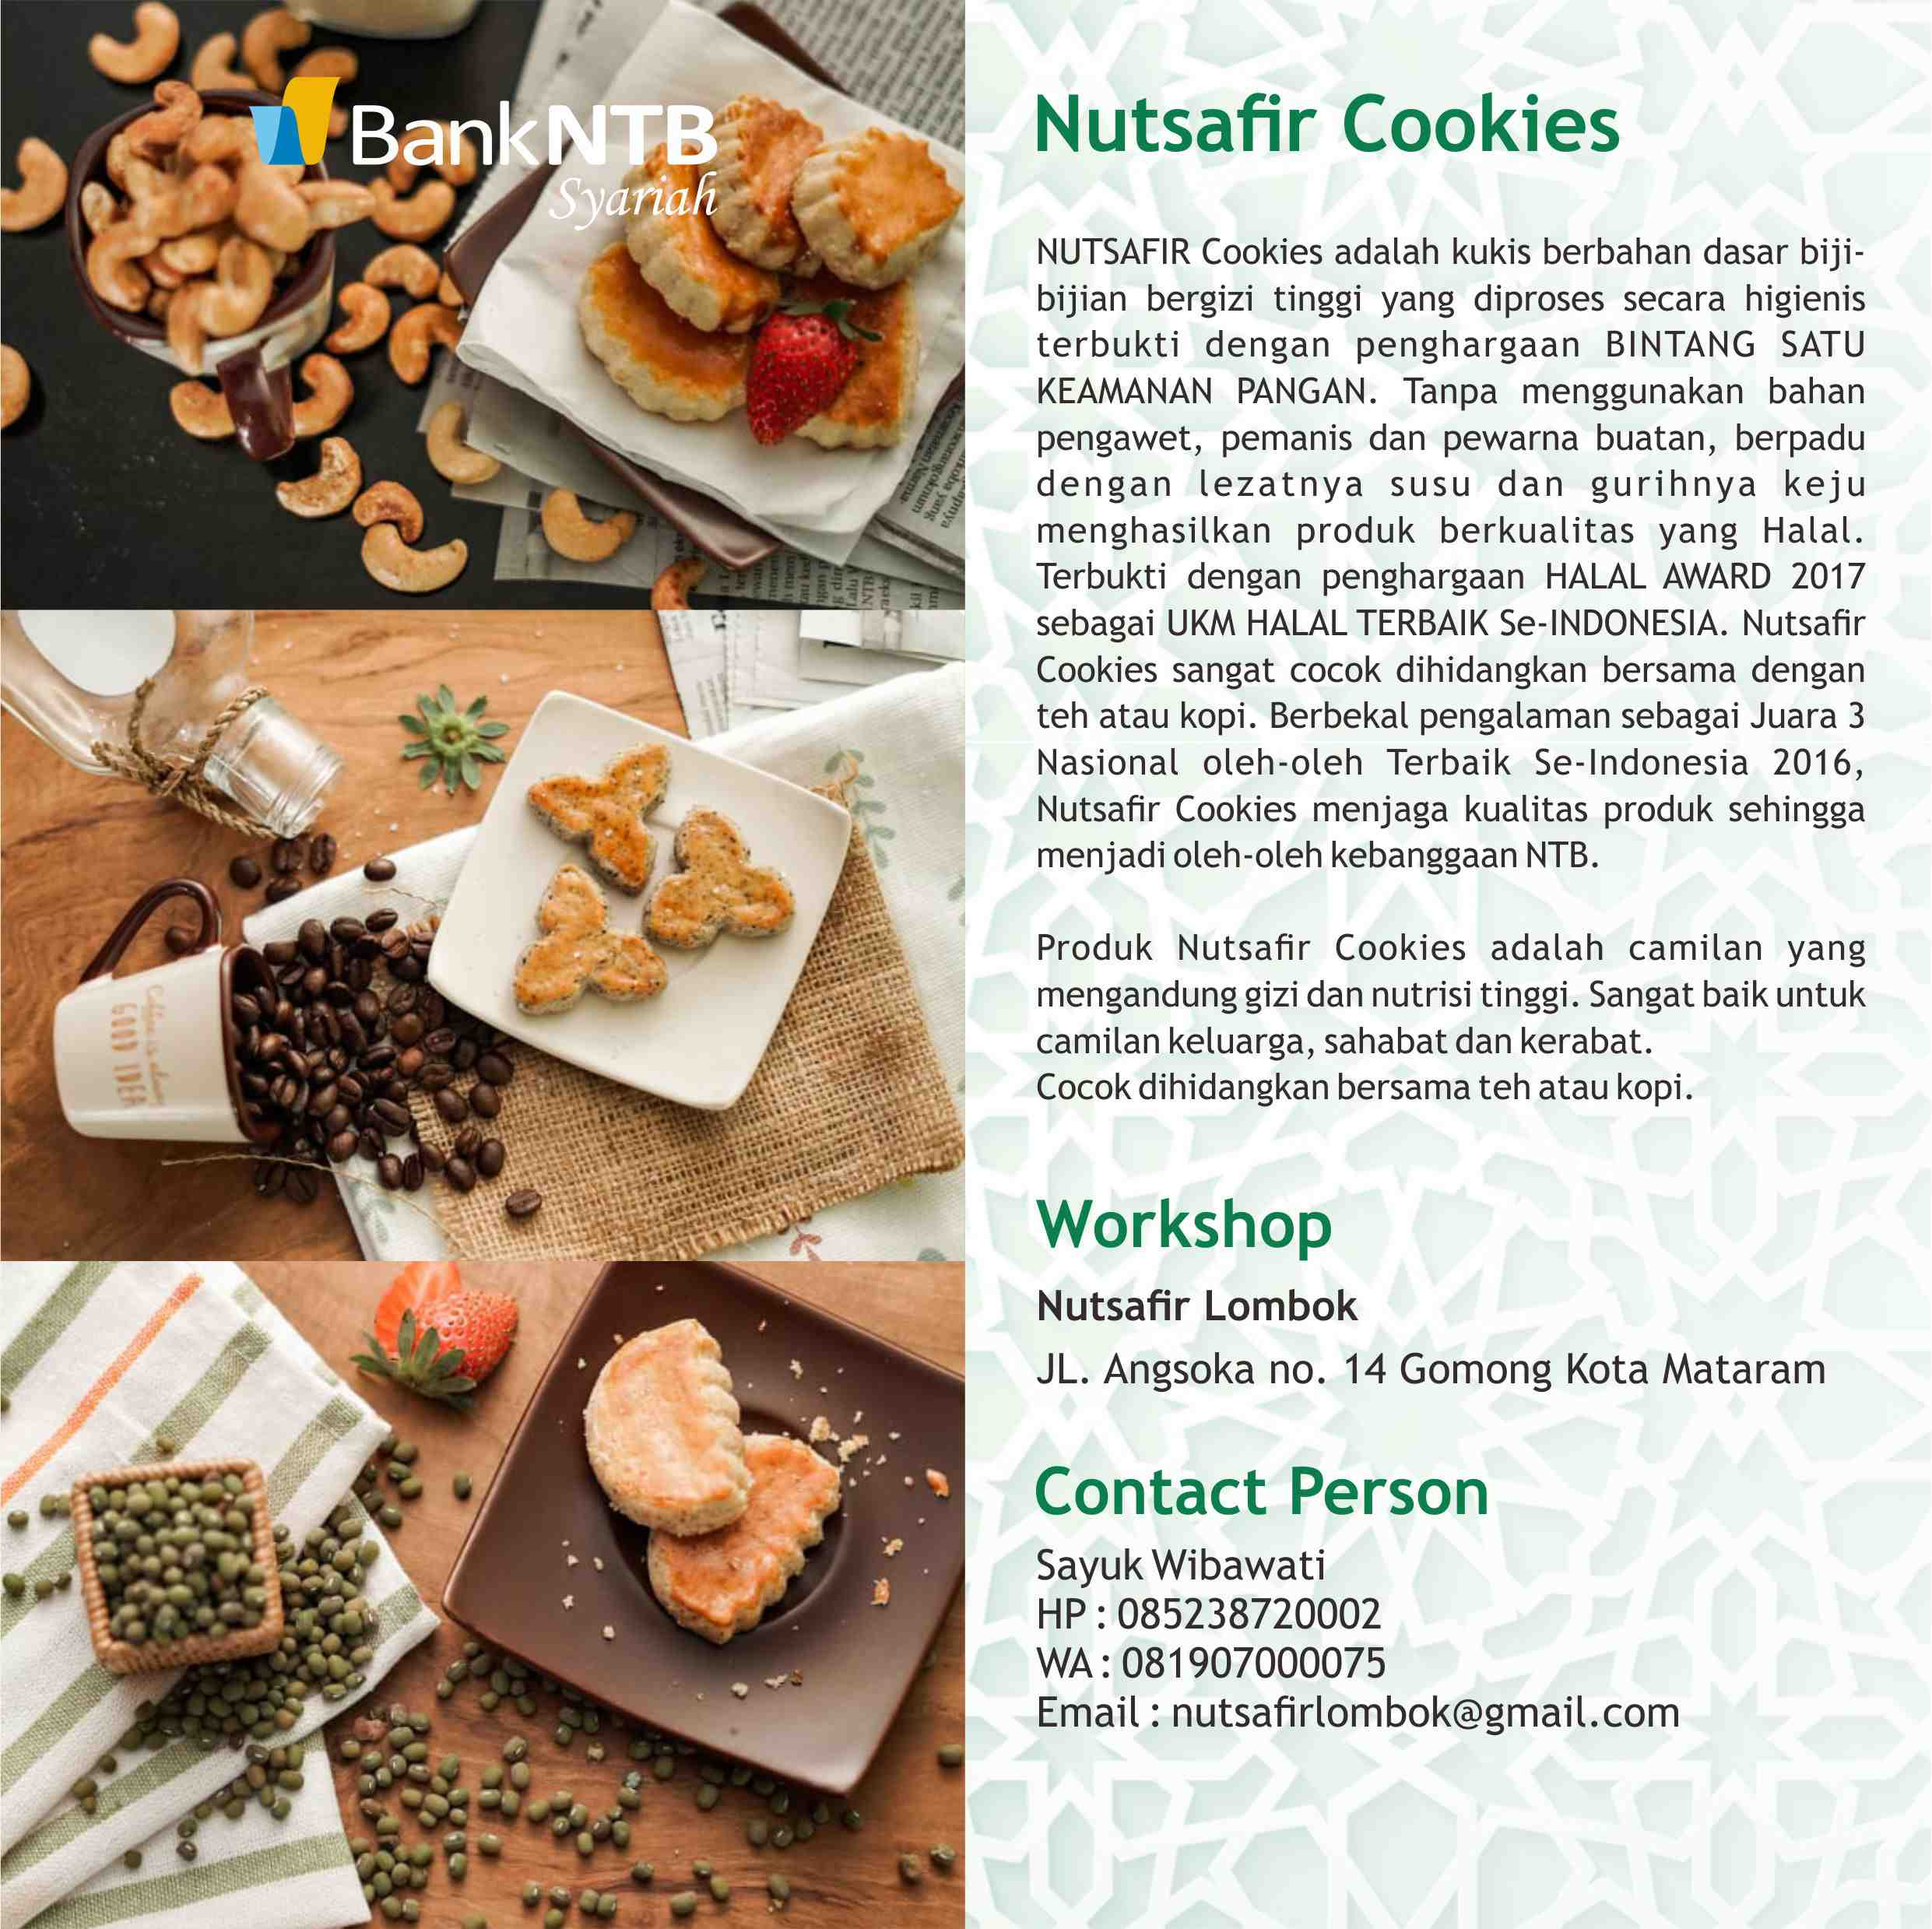 Nutsafir-Cookies